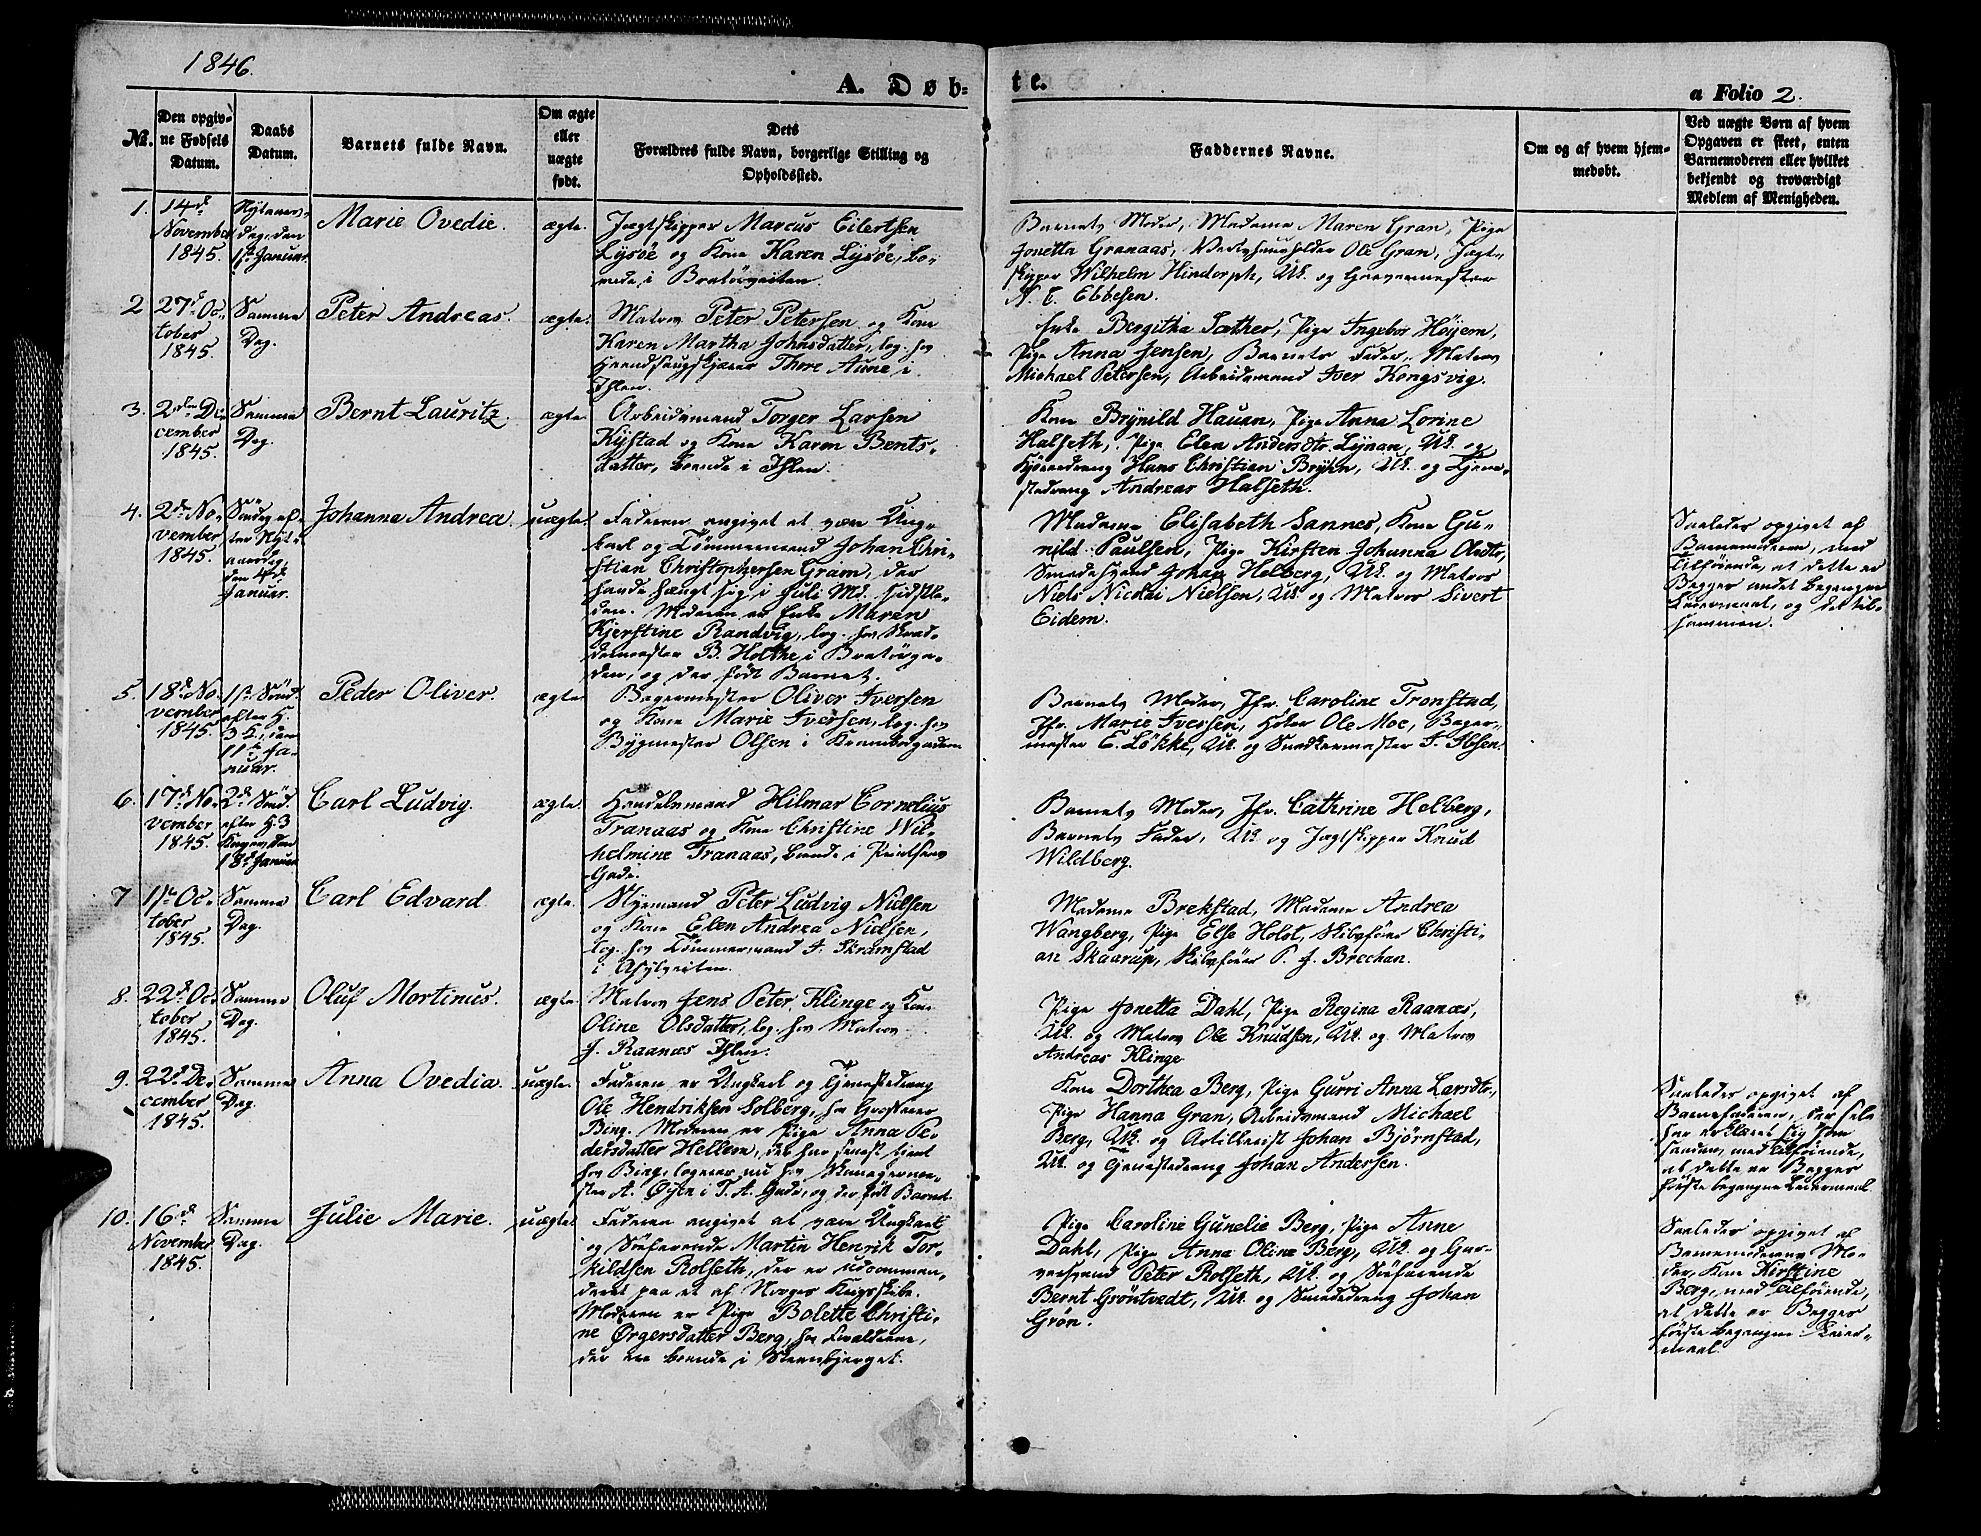 SAT, Ministerialprotokoller, klokkerbøker og fødselsregistre - Sør-Trøndelag, 602/L0137: Klokkerbok nr. 602C05, 1846-1856, s. 2